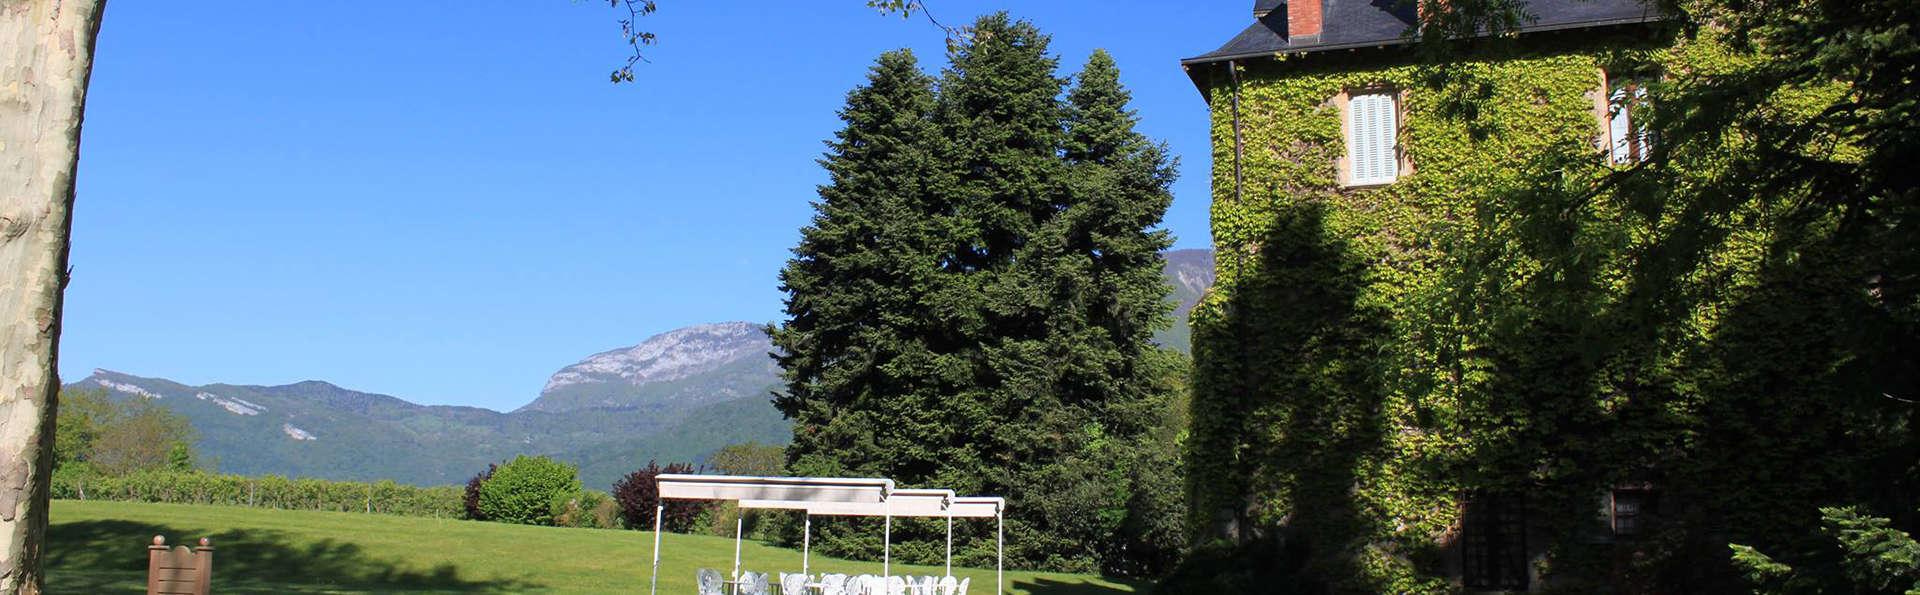 Château de la Tour du Puits - EDIT_gardenfront.jpg